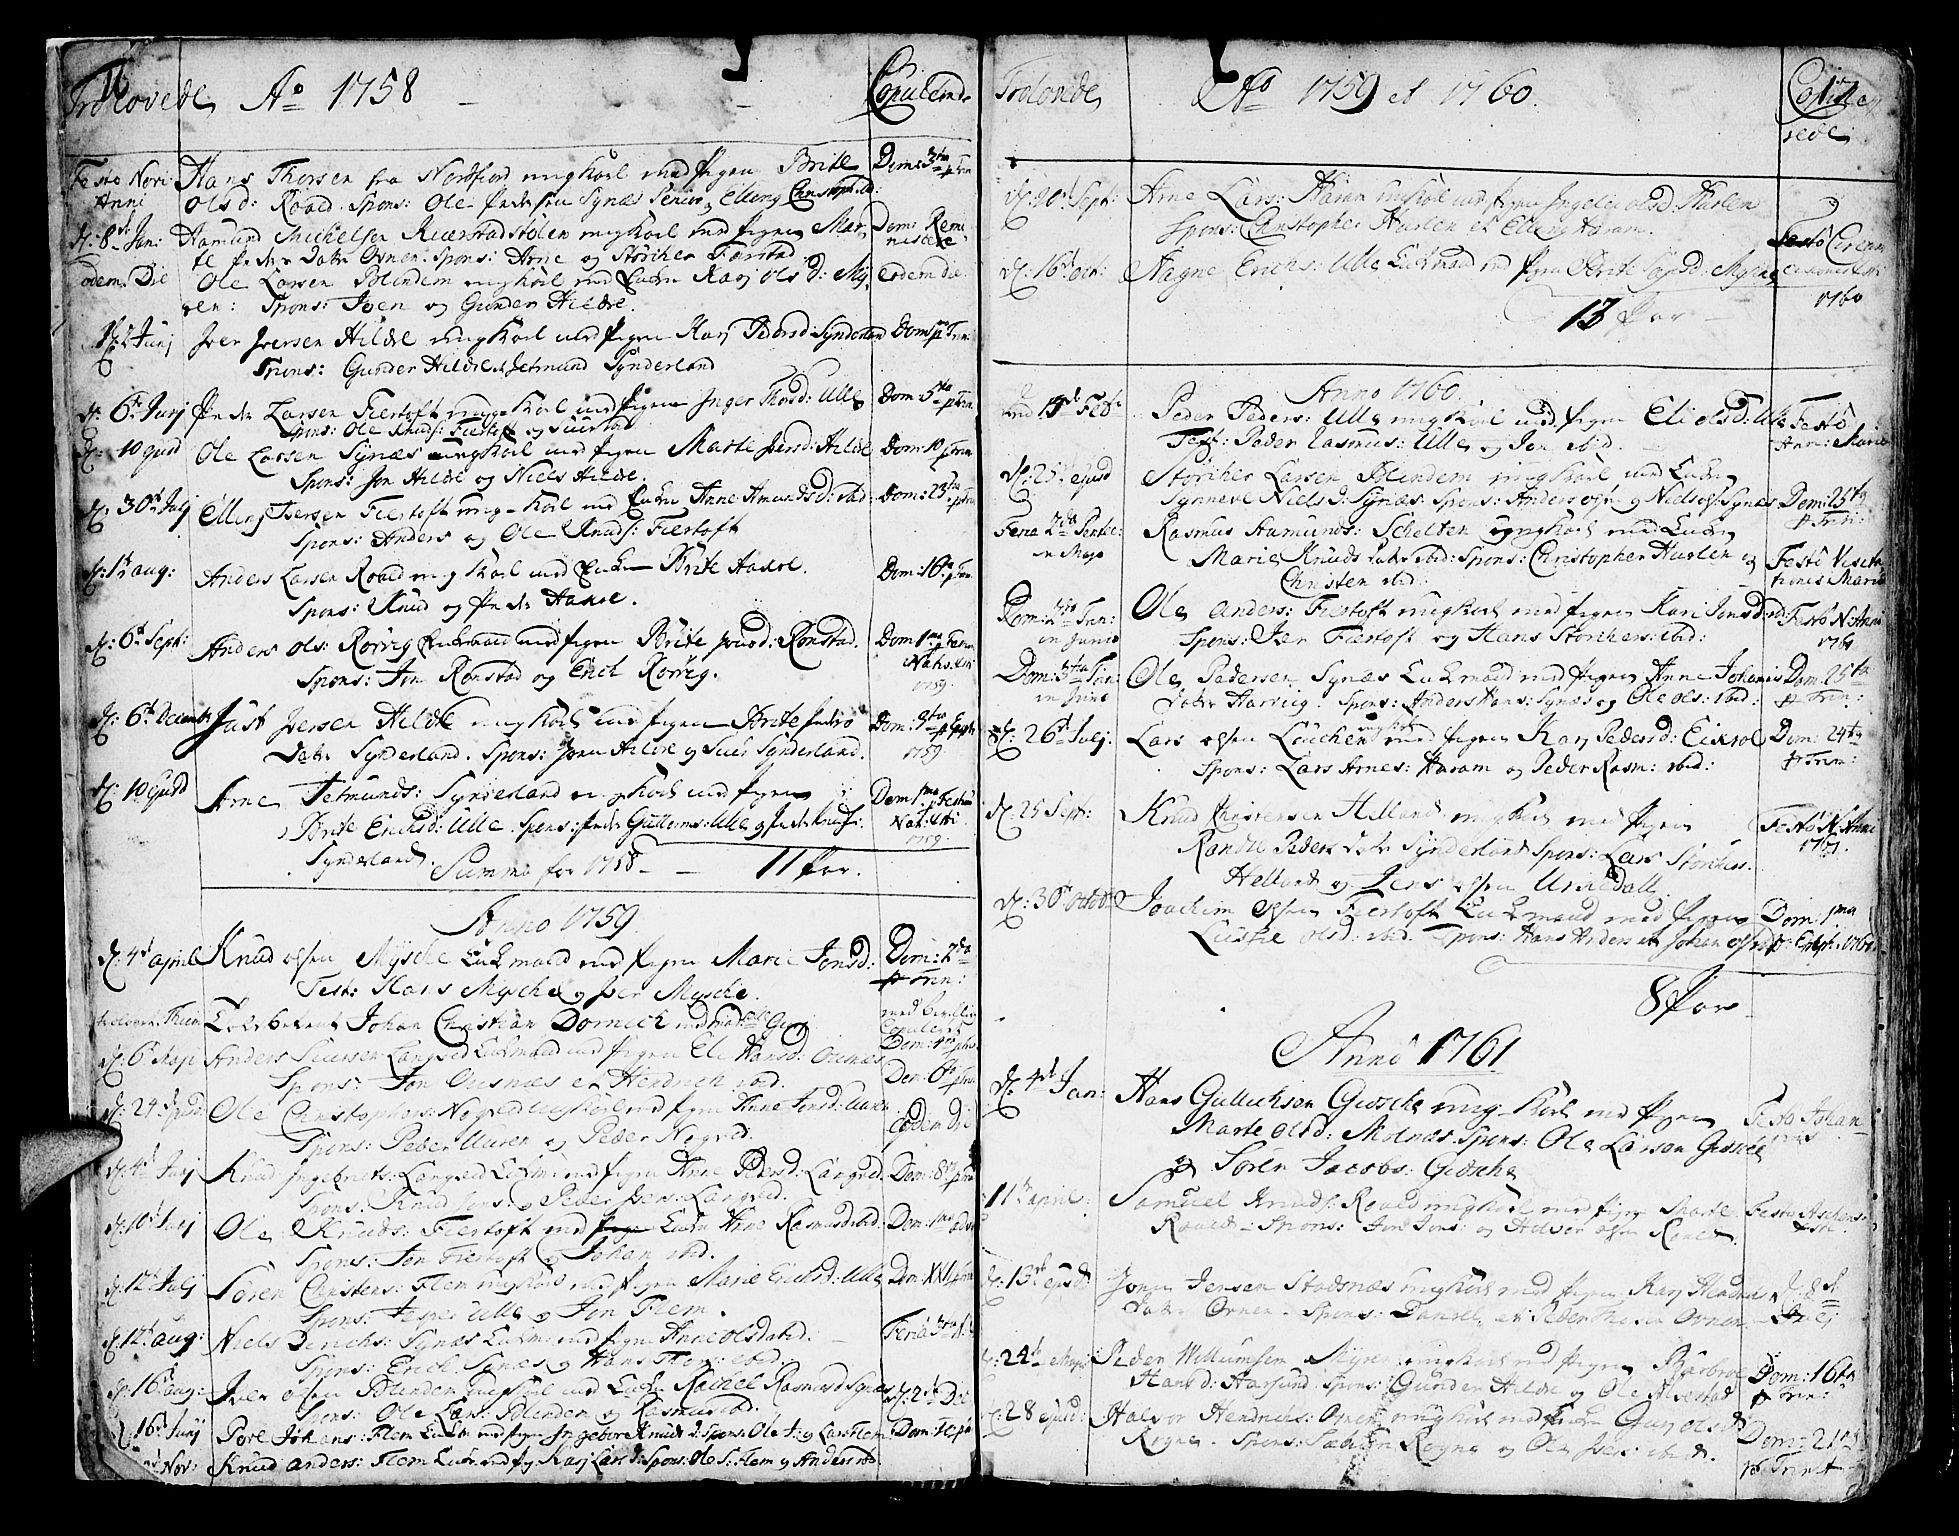 SAT, Ministerialprotokoller, klokkerbøker og fødselsregistre - Møre og Romsdal, 536/L0493: Ministerialbok nr. 536A02, 1739-1802, s. 16-17